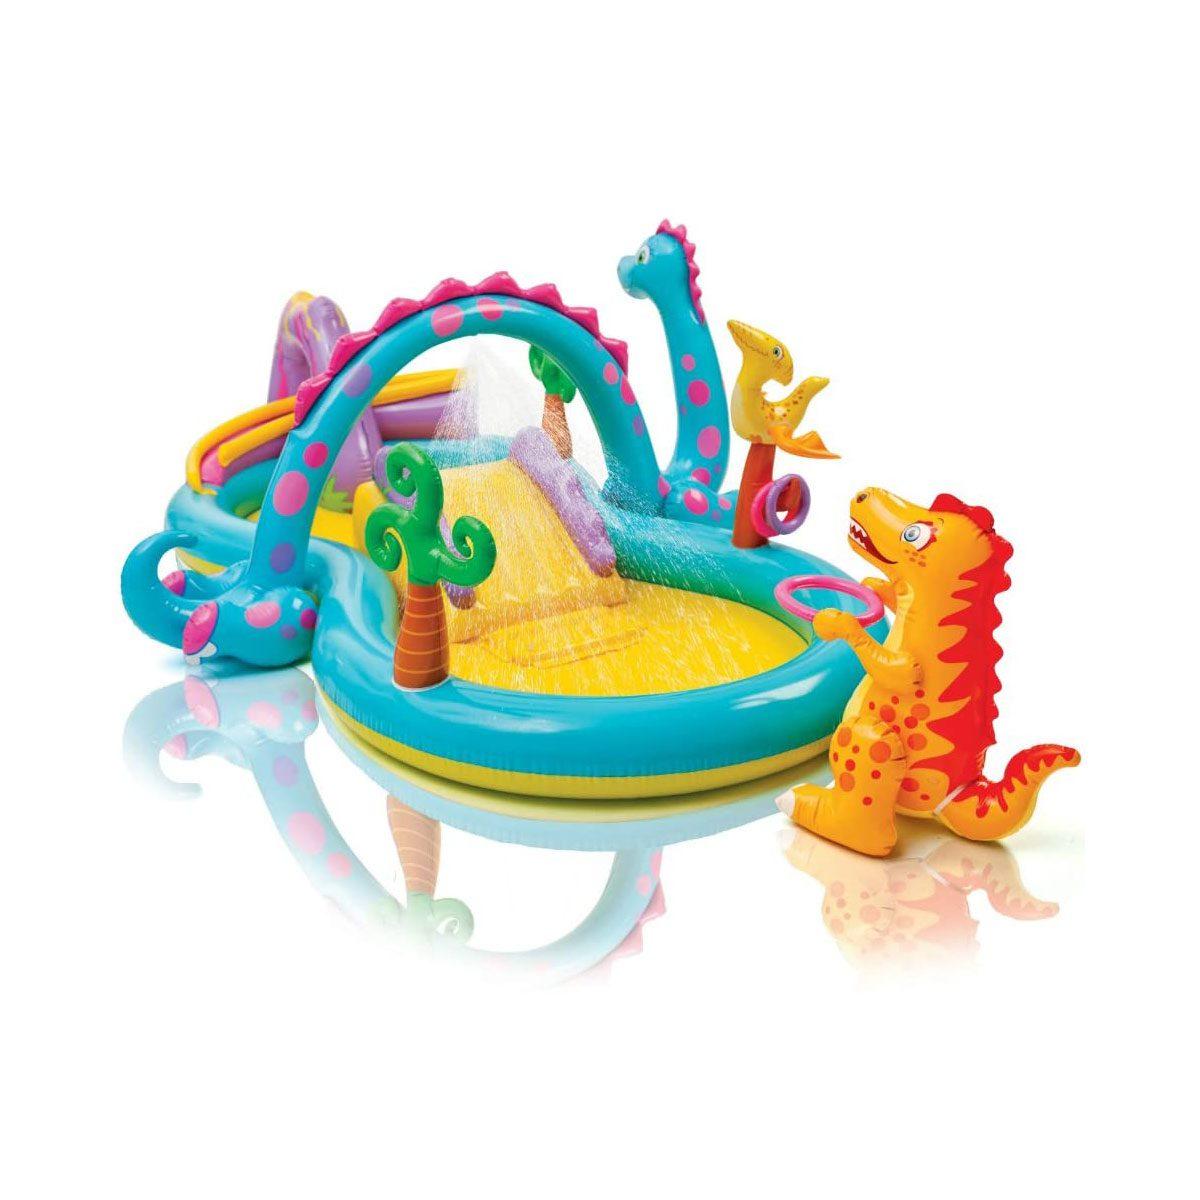 Dinosaur kiddie pool